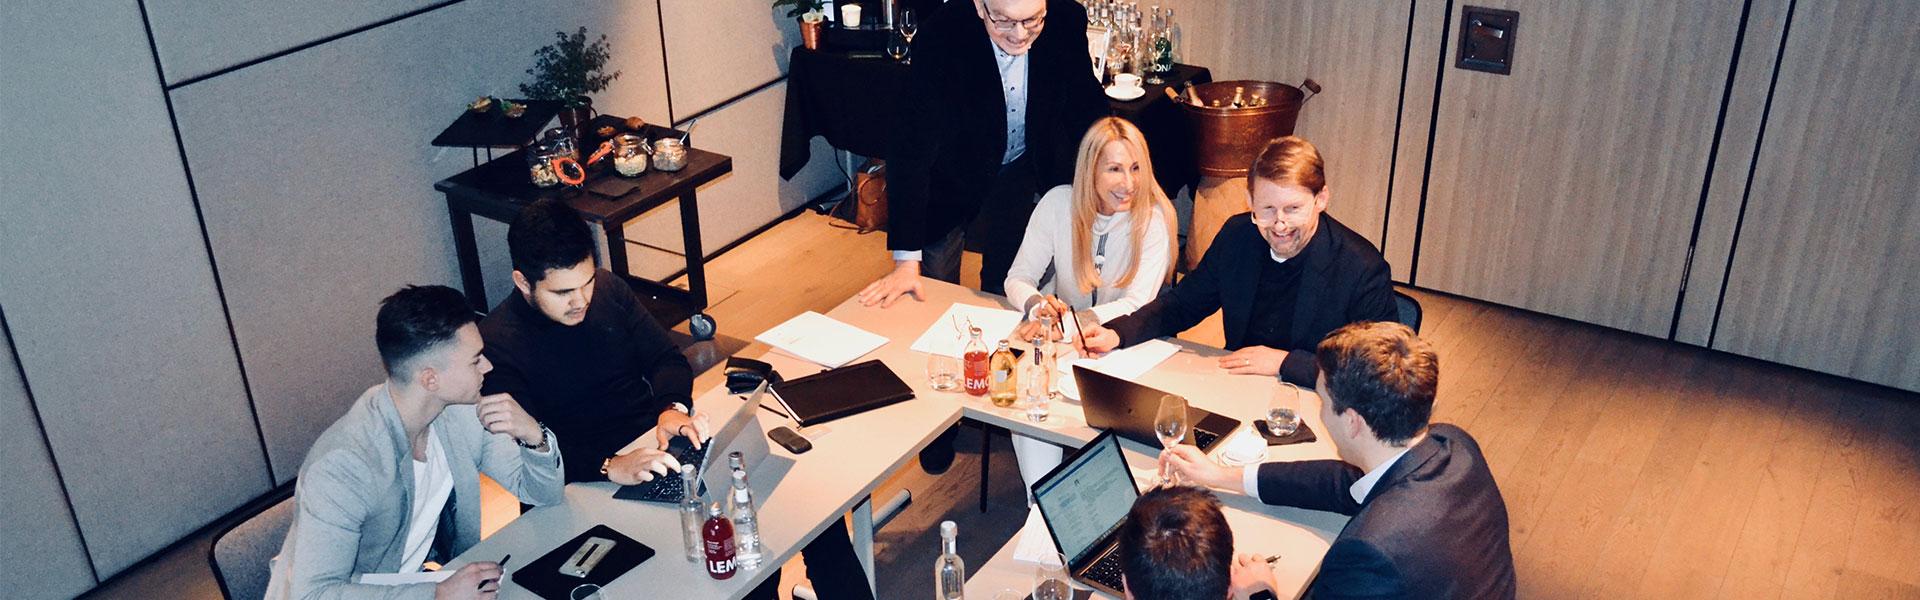 Team Motivation Spirit Mission Vision Meeting Brainstorming Strategie der Unternehmensberatung W+W Consulting GmbH in Ettlingen Karlsruhe Baden-Württemberg Deutschland